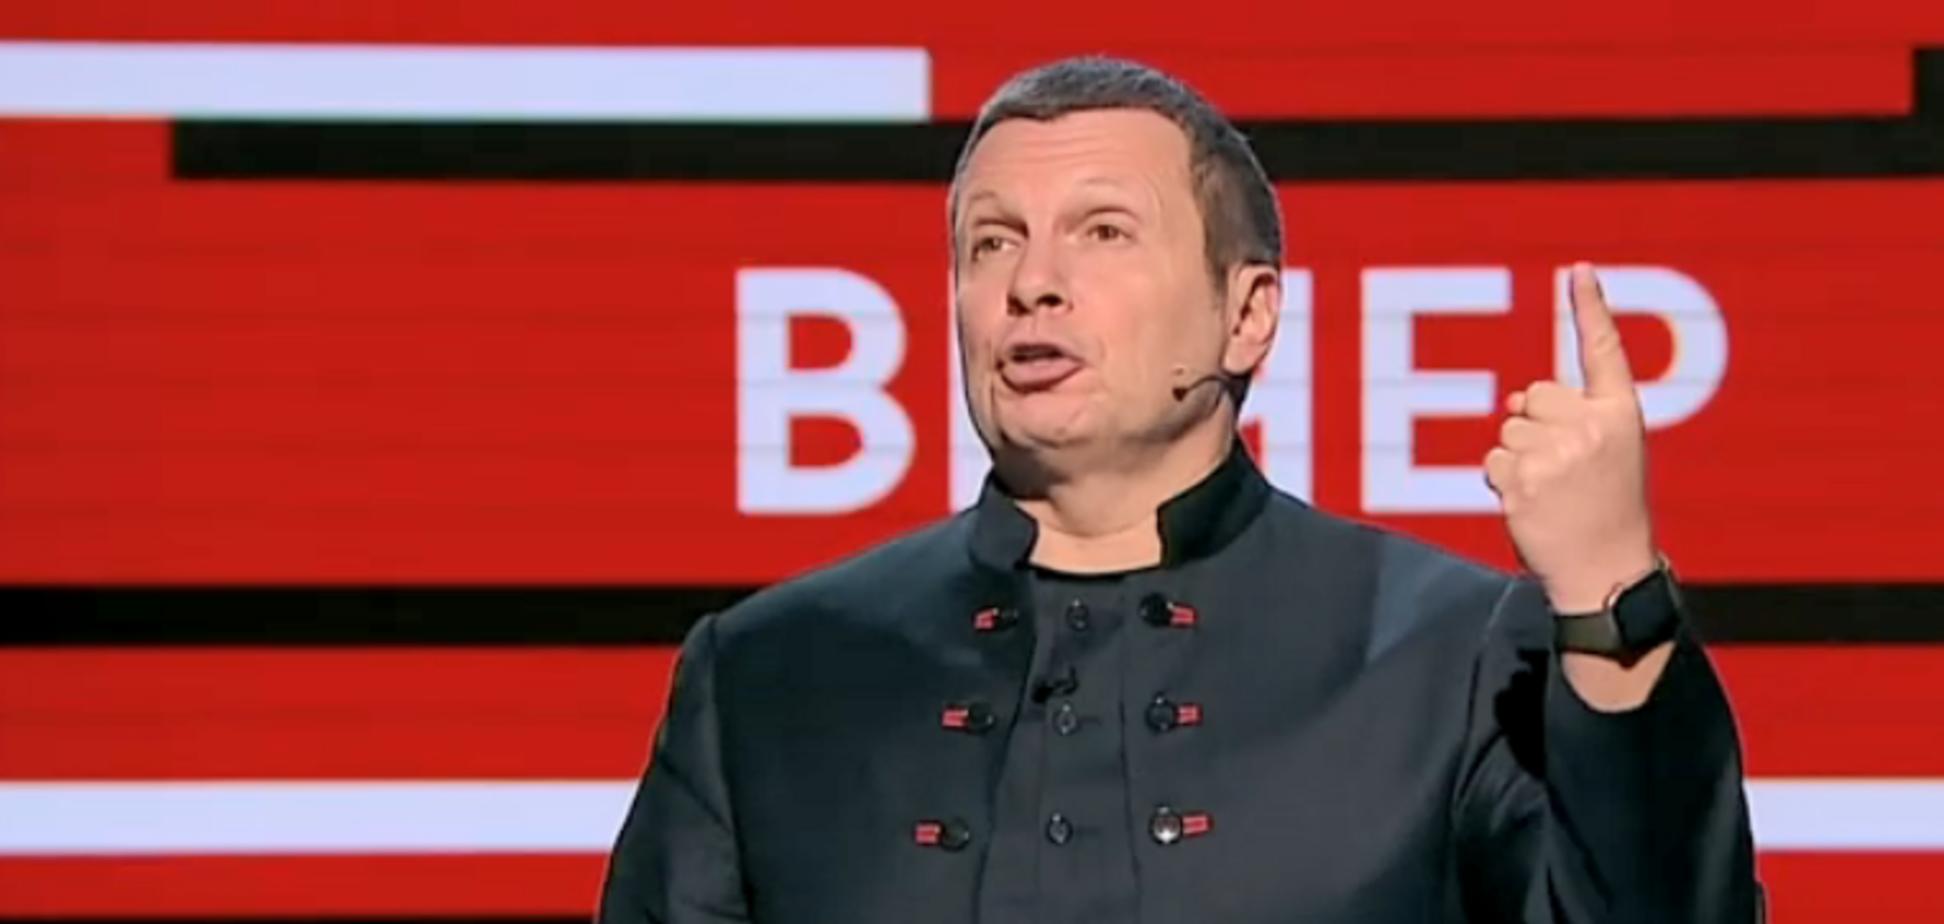 У Соловьева собрались 'сдвинуть' границу России к Киеву